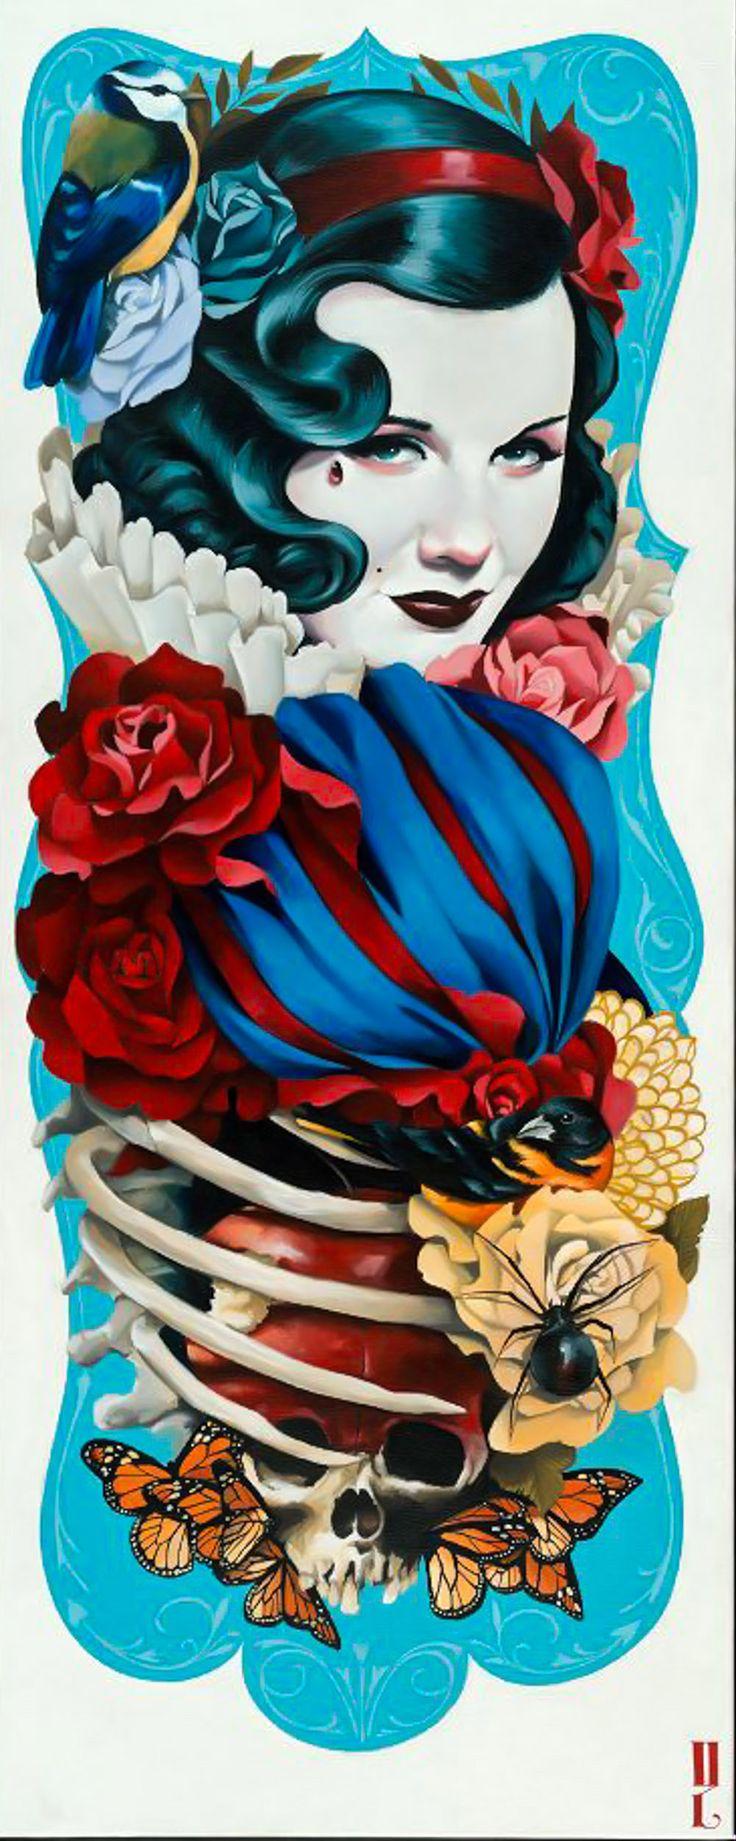 Gustava Rimada representa com orgulho sua herança mexicana, combinando o design de tatuagens tradicionais e imagens de glamour vintage. Suas pinturas adquirem uma estética muito particular, conquis…